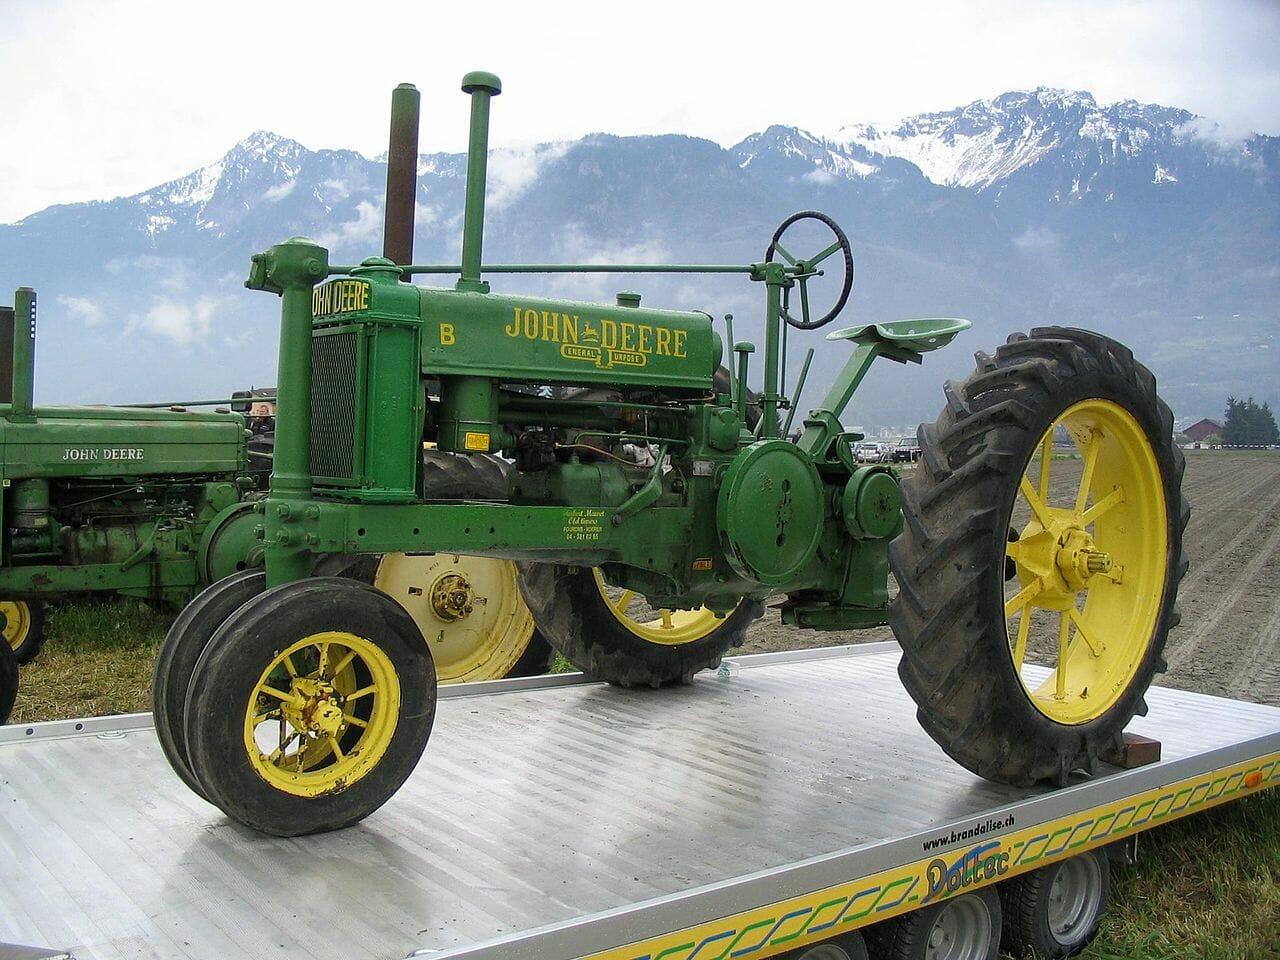 kodėl priekiniai senų traktorių ratai yra greta?